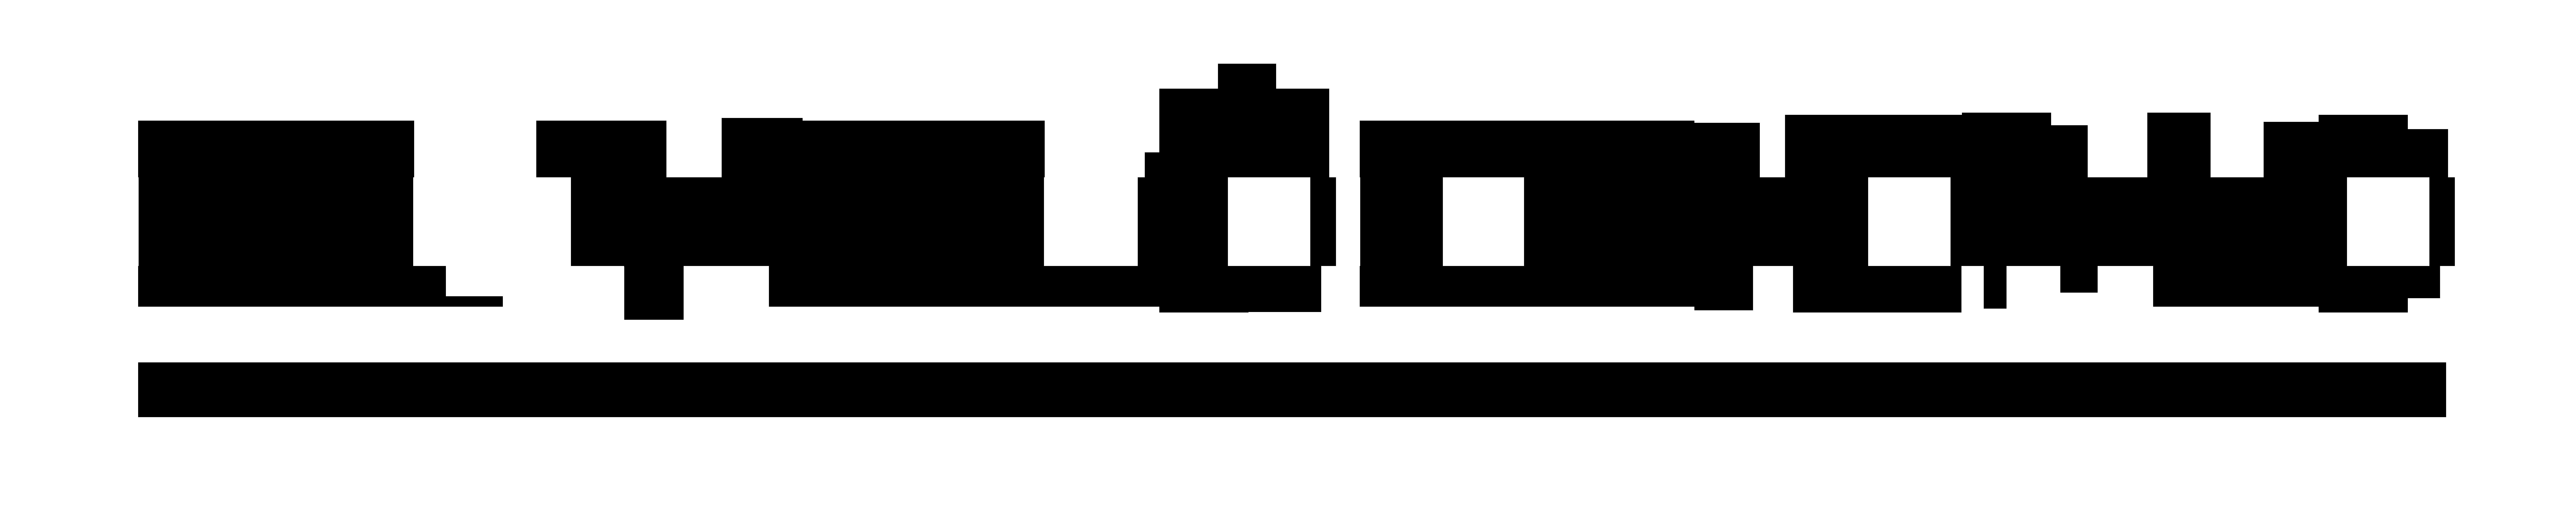 Velodromo